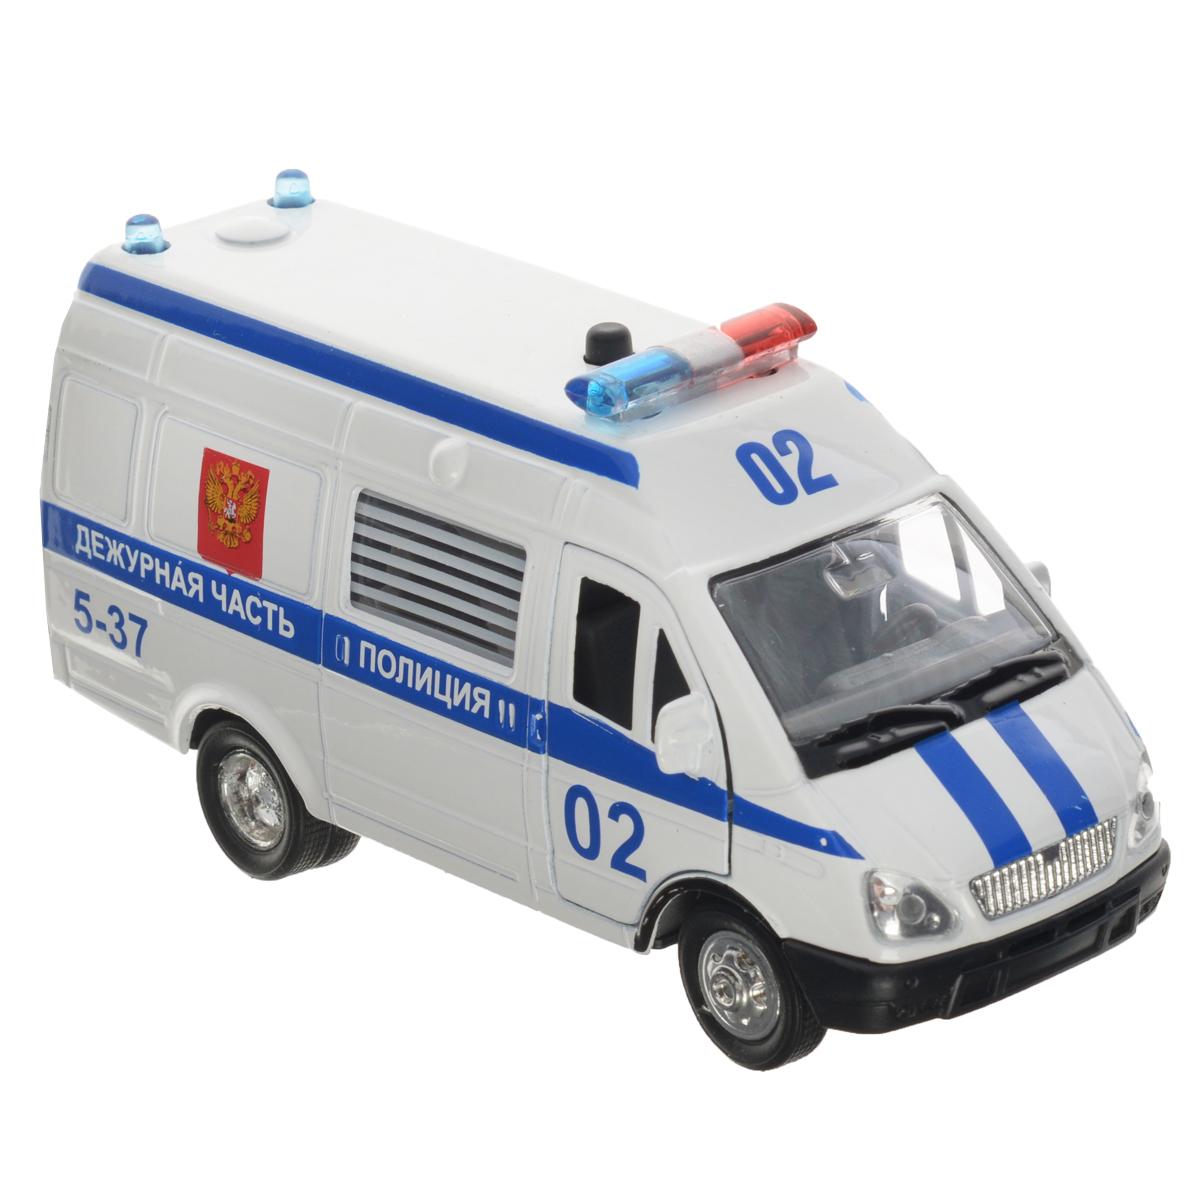 ТехноПарк Машинка инерционная Газель Полиция цвет белый синийCT-1276-16Инерционная машинка ТехноПарк Газель: Полиция, выполненная из пластика и металла, станет любимой игрушкой вашего малыша. Игрушка представляет собой модель полицейского автомобиля марки Газель. У машинки открываются передние дверцы и дверца багажного отделения. При нажатии на кнопку на крыше модели замигают проблесковые маячки и прозвучат звуки сирены и команды полицейского. Игрушка оснащена инерционным ходом. Машинку необходимо отвести назад, затем отпустить - и она быстро поедет вперед. Прорезиненные колеса обеспечивают надежное сцепление с любой гладкой поверхностью. Ваш ребенок будет часами играть с этой машинкой, придумывая различные истории. Порадуйте его таким замечательным подарком! Машинка работает от батареек (товар комплектуется демонстрационными).